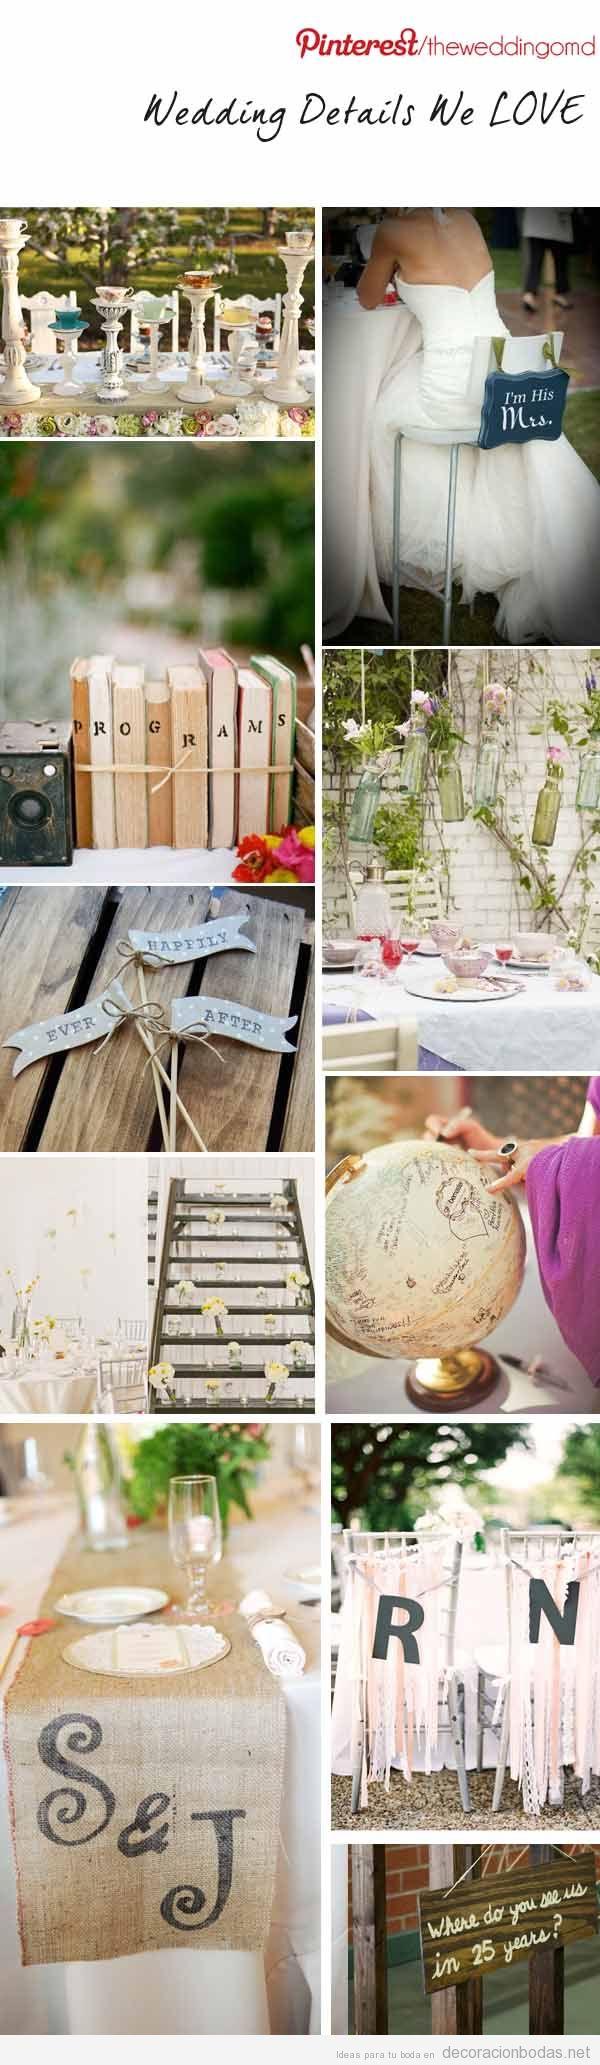 Decorci n y detalles originales para una boda con aire for Detalles decoracion boda